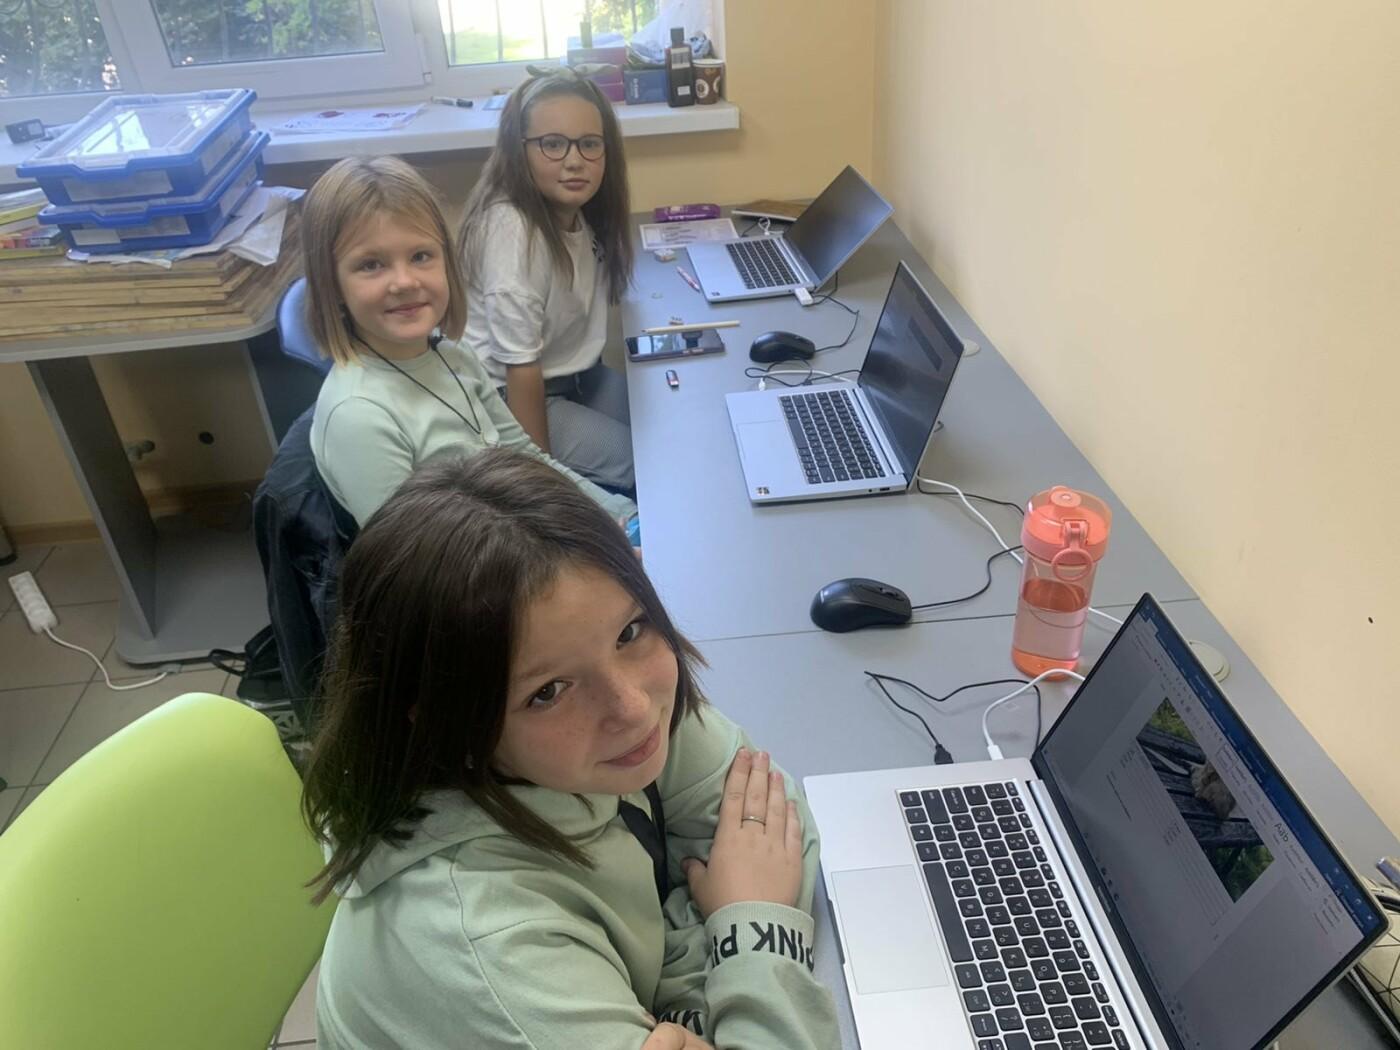 IT-образование для твоего ребенка! Успейте записаться в BYTE Academy!, фото-4